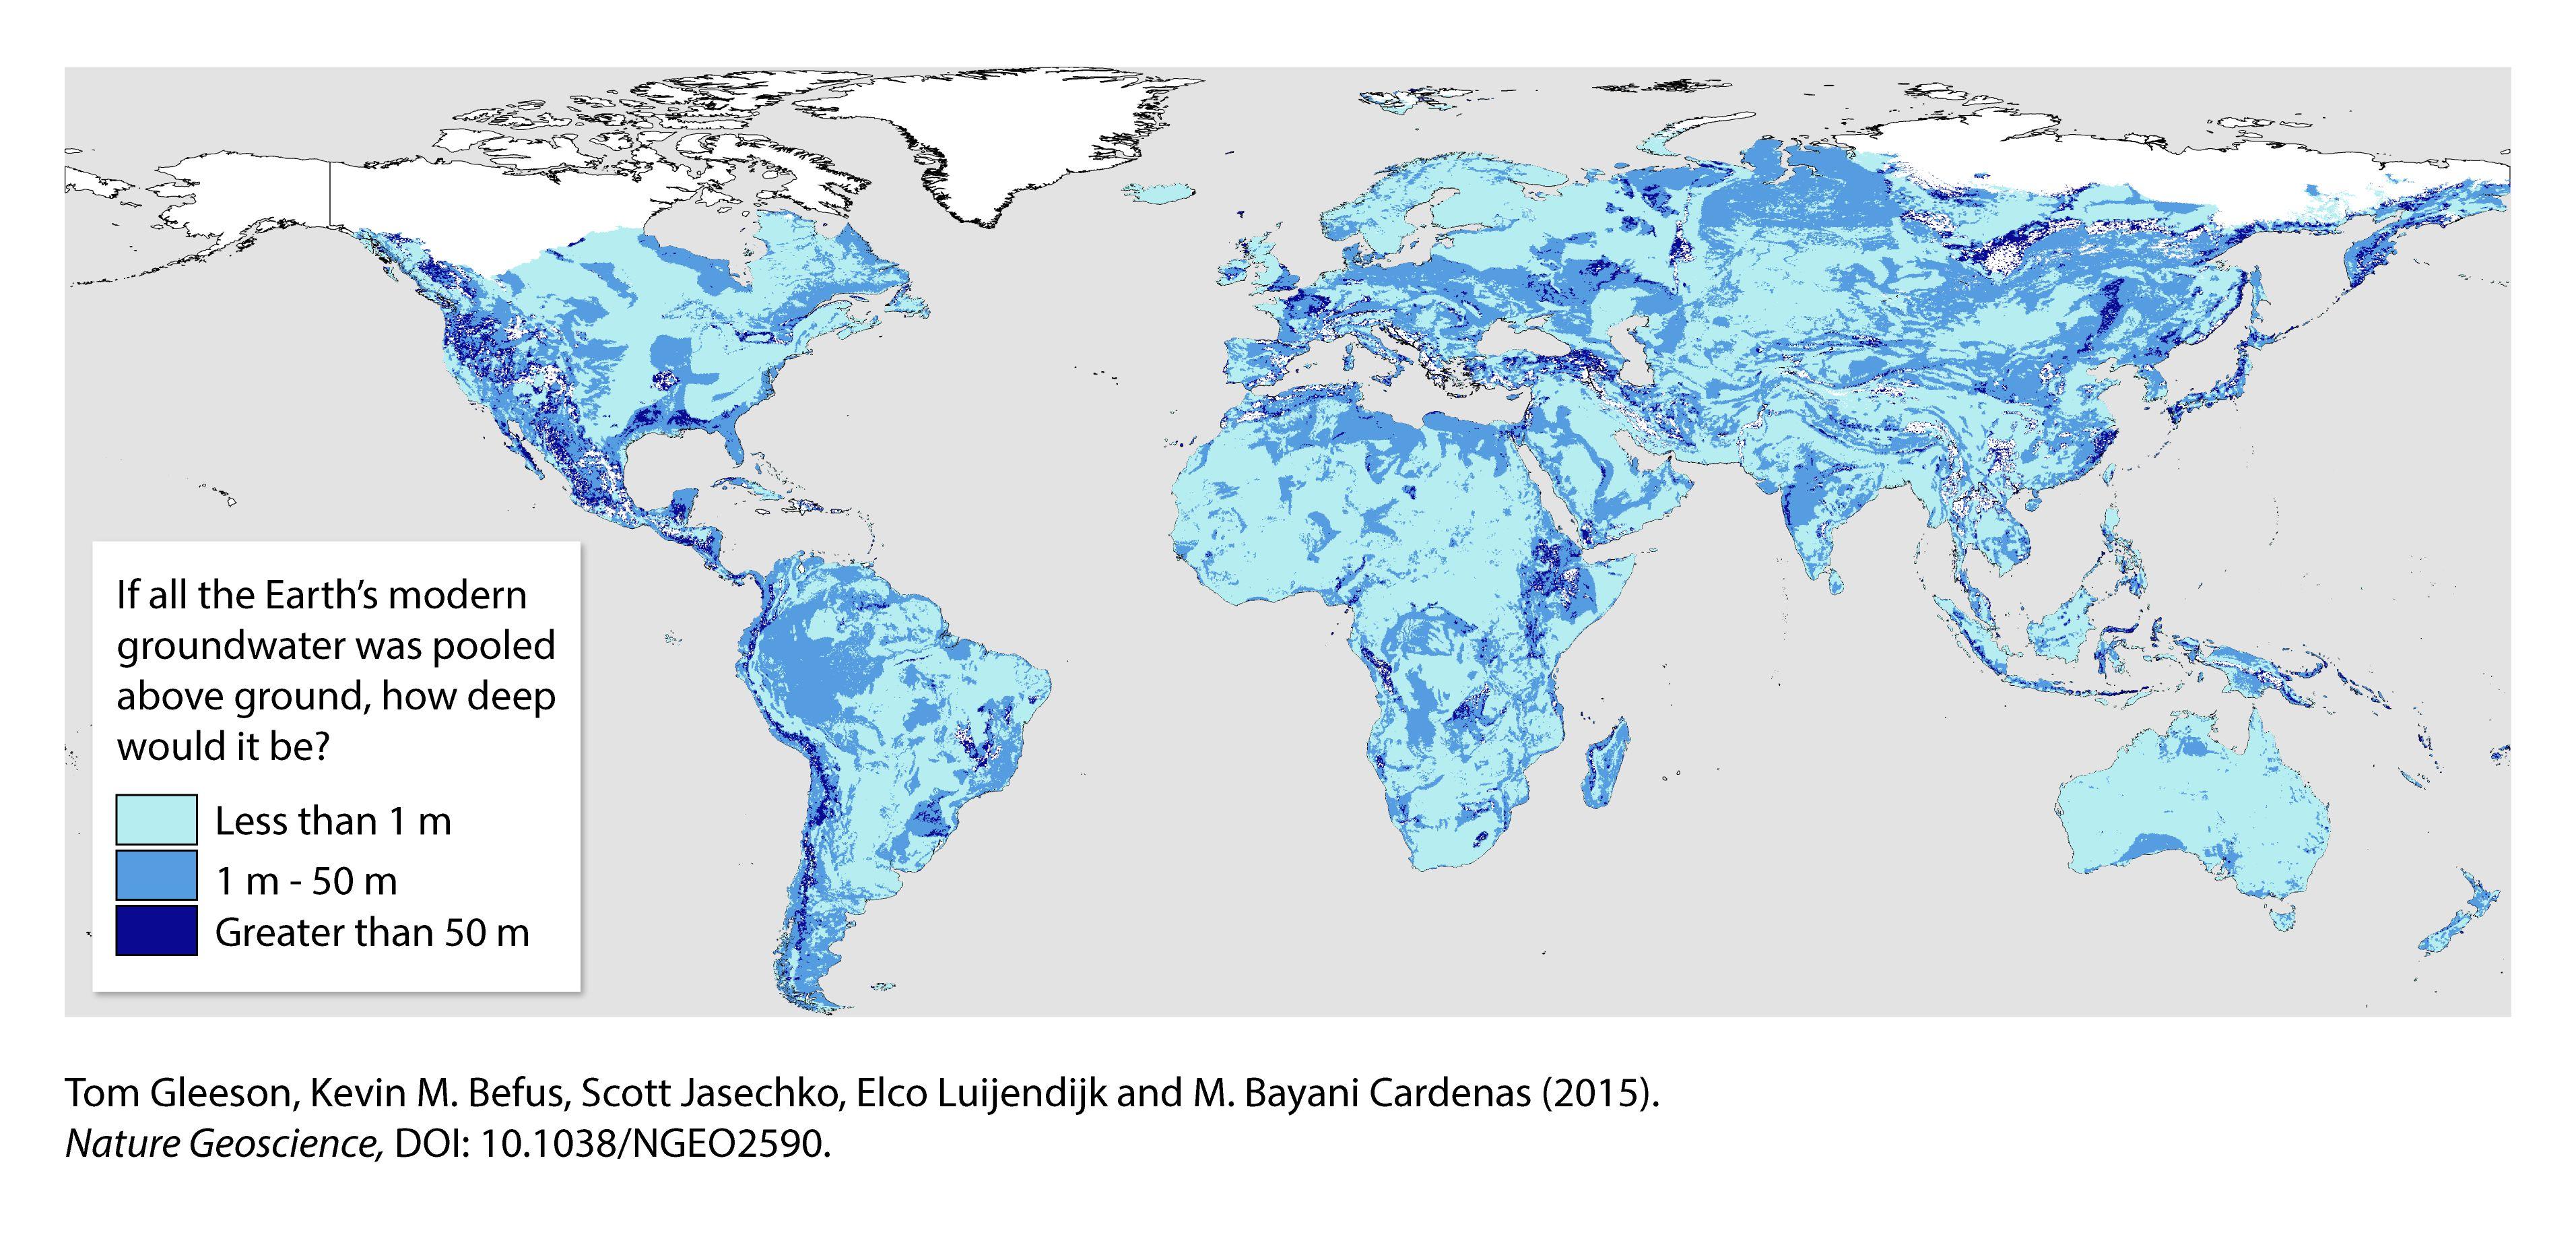 Kartierung des modernen Grundwassers